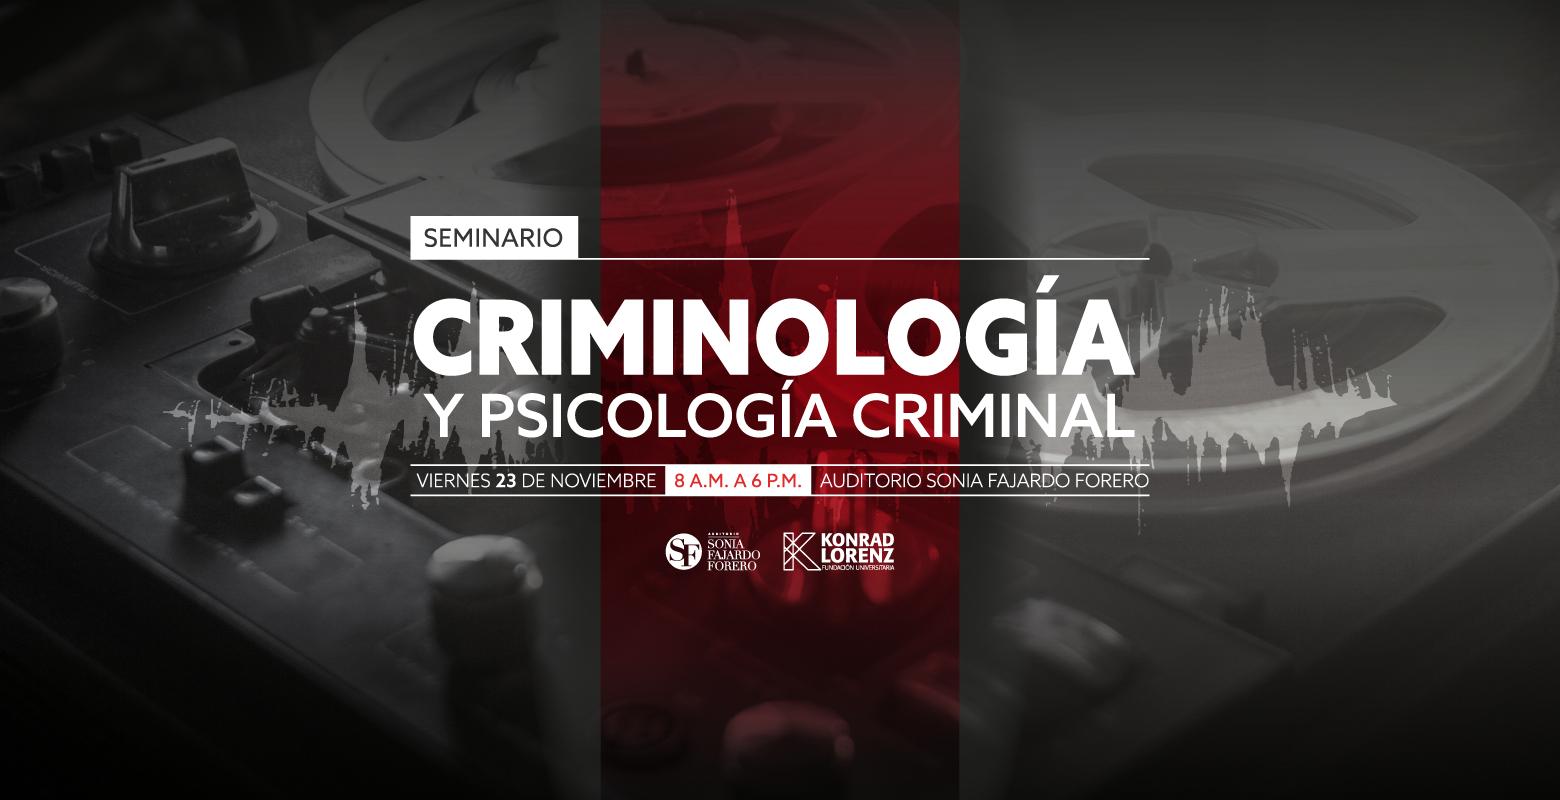 Seminario Criminología y Psicología Criminal